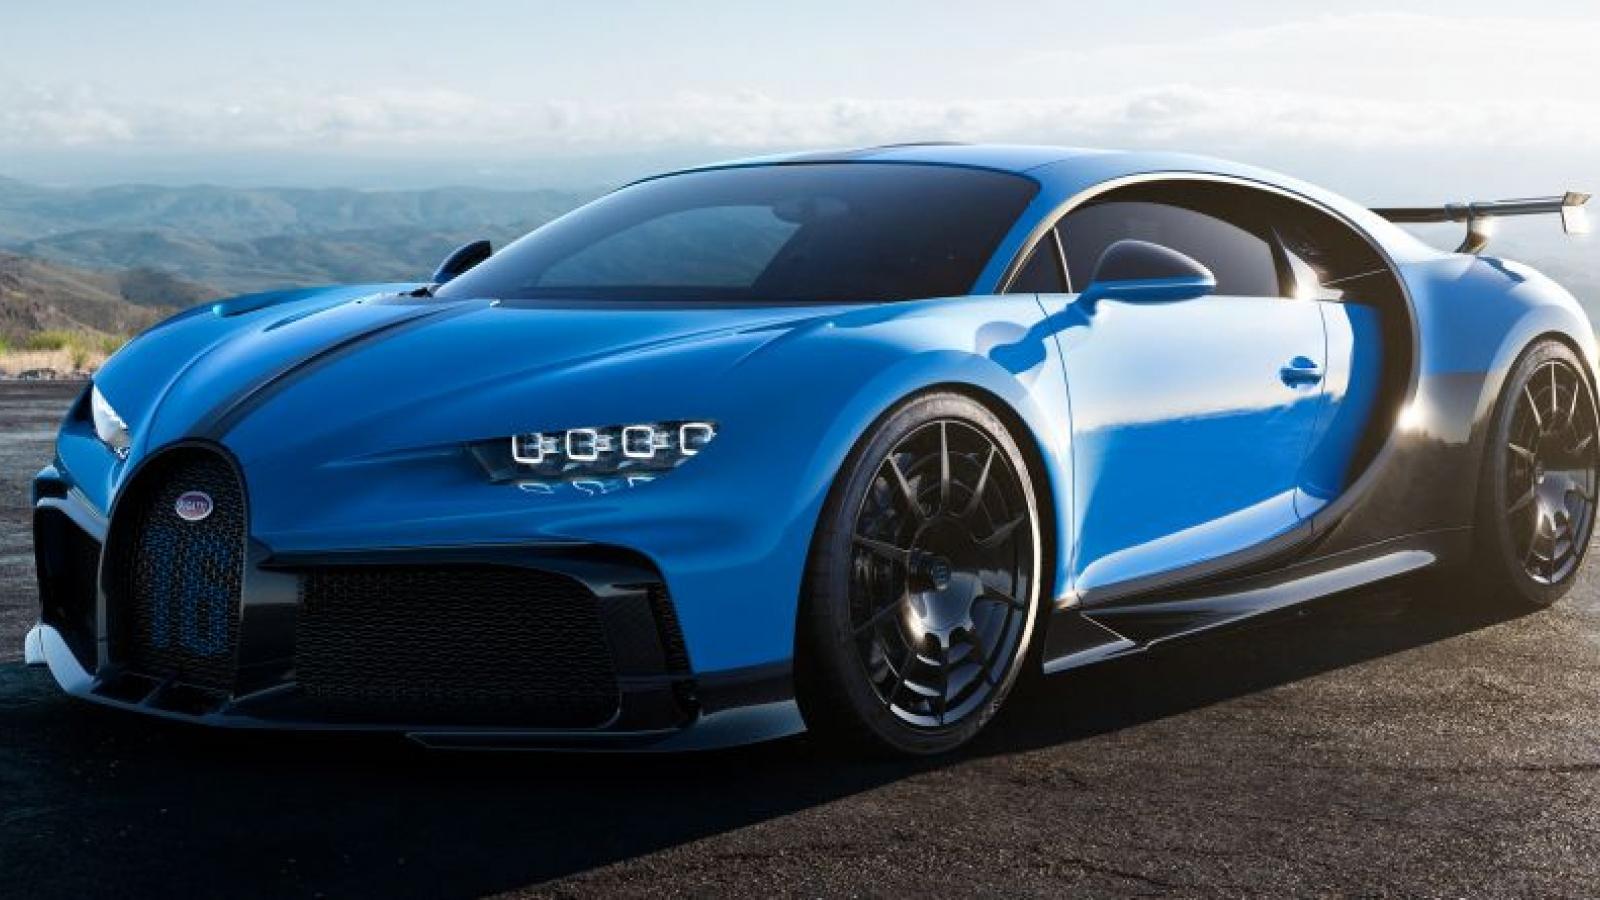 Bảo dưỡng siêu xe Bugatti tốn kém ra sao?